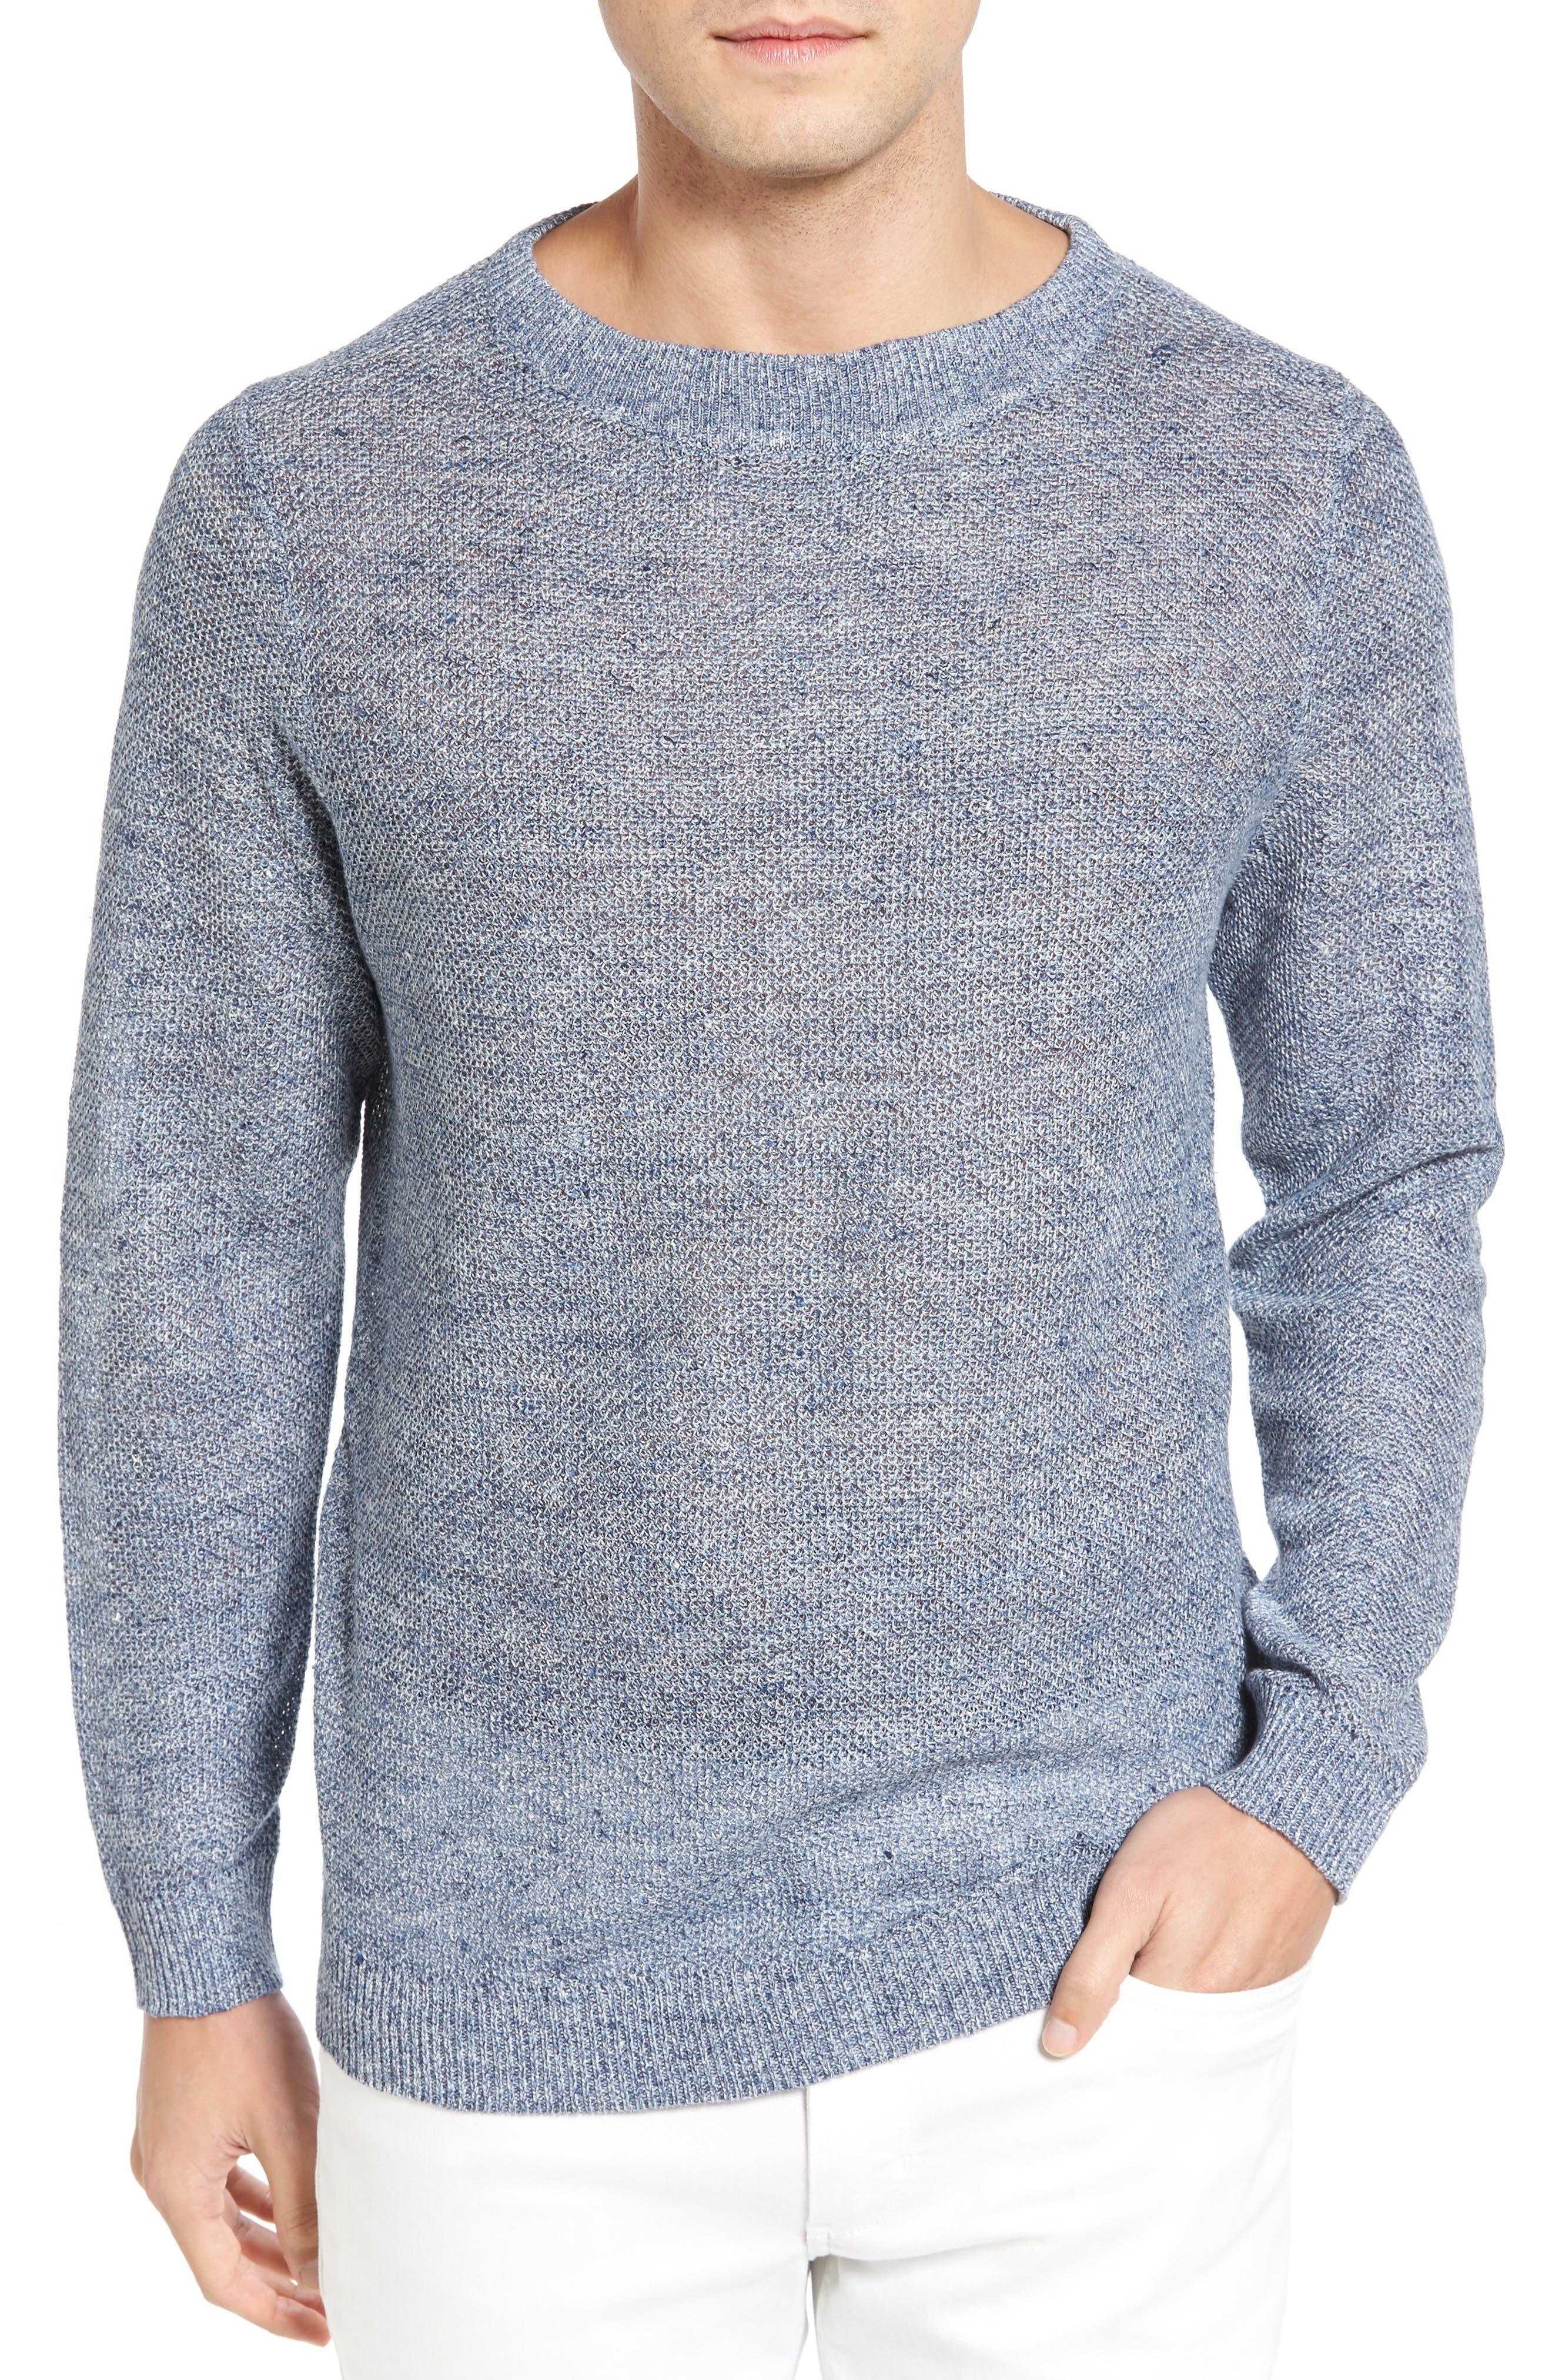 Tommy Bahama Lino Bay Linen Sweater